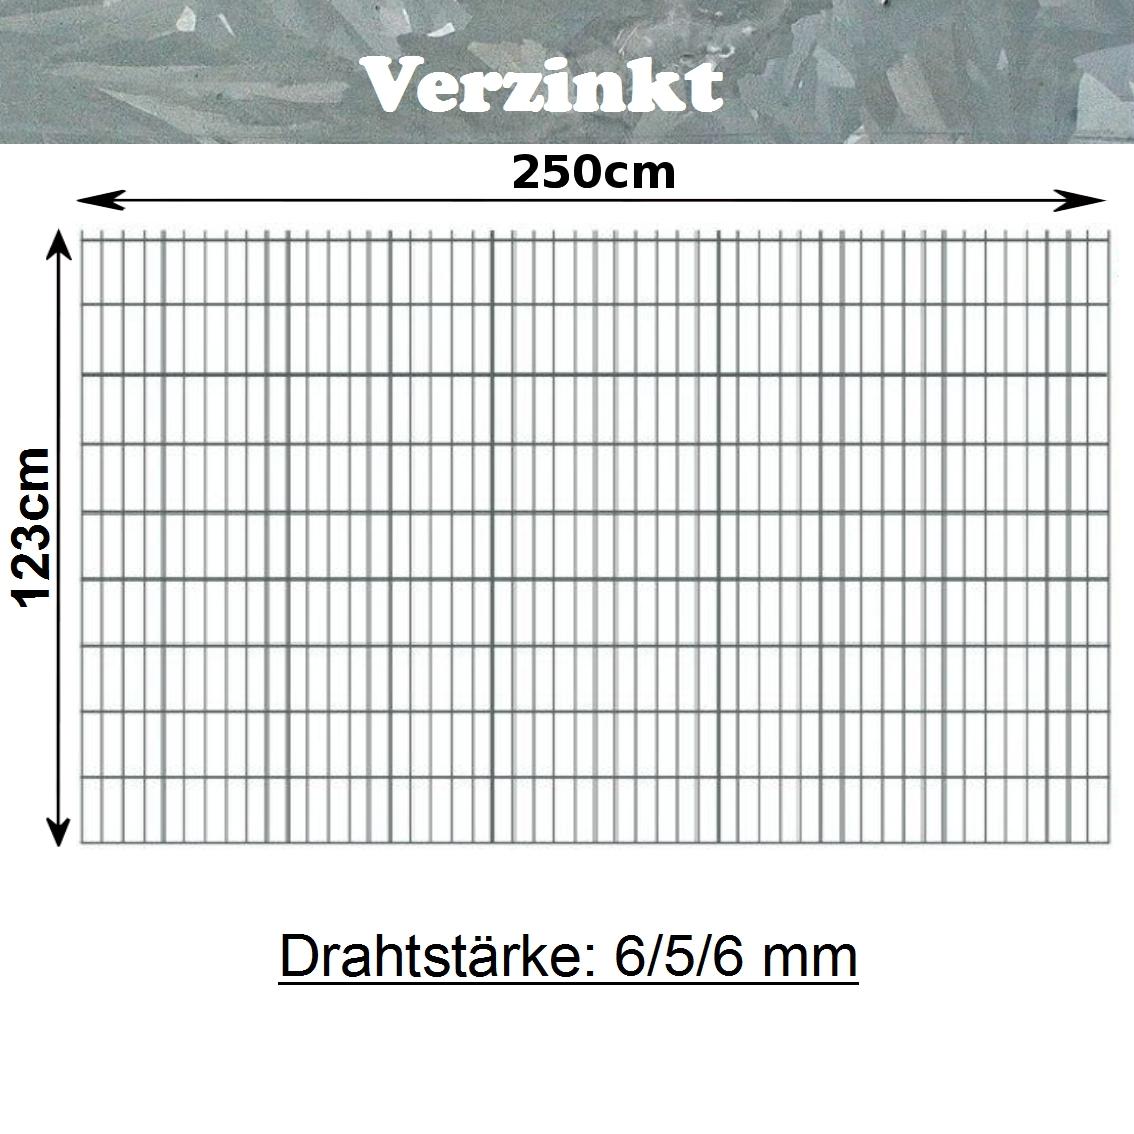 Gemütlich Tabelle Der Elektrischen Drahtstärke Bilder - Schaltplan ...